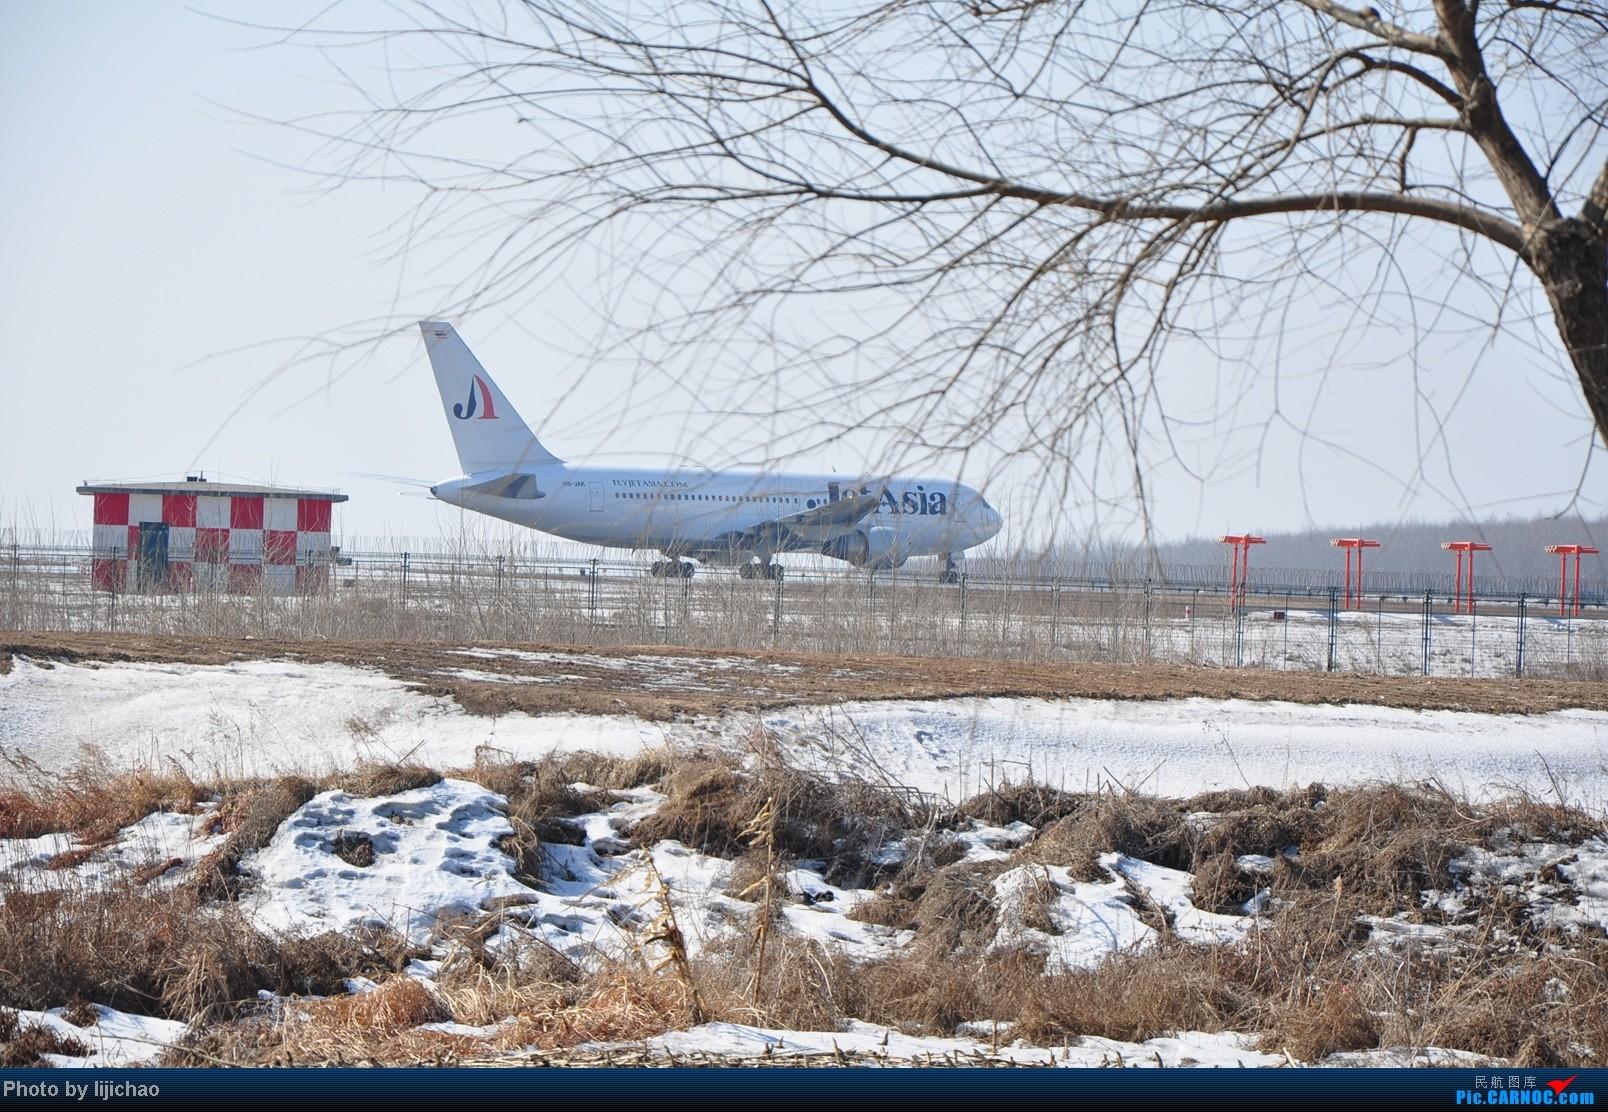 Re:[原创]沈阳桃仙机场跑道尽头随拍 BOEING 767-200  中国沈阳桃仙机场